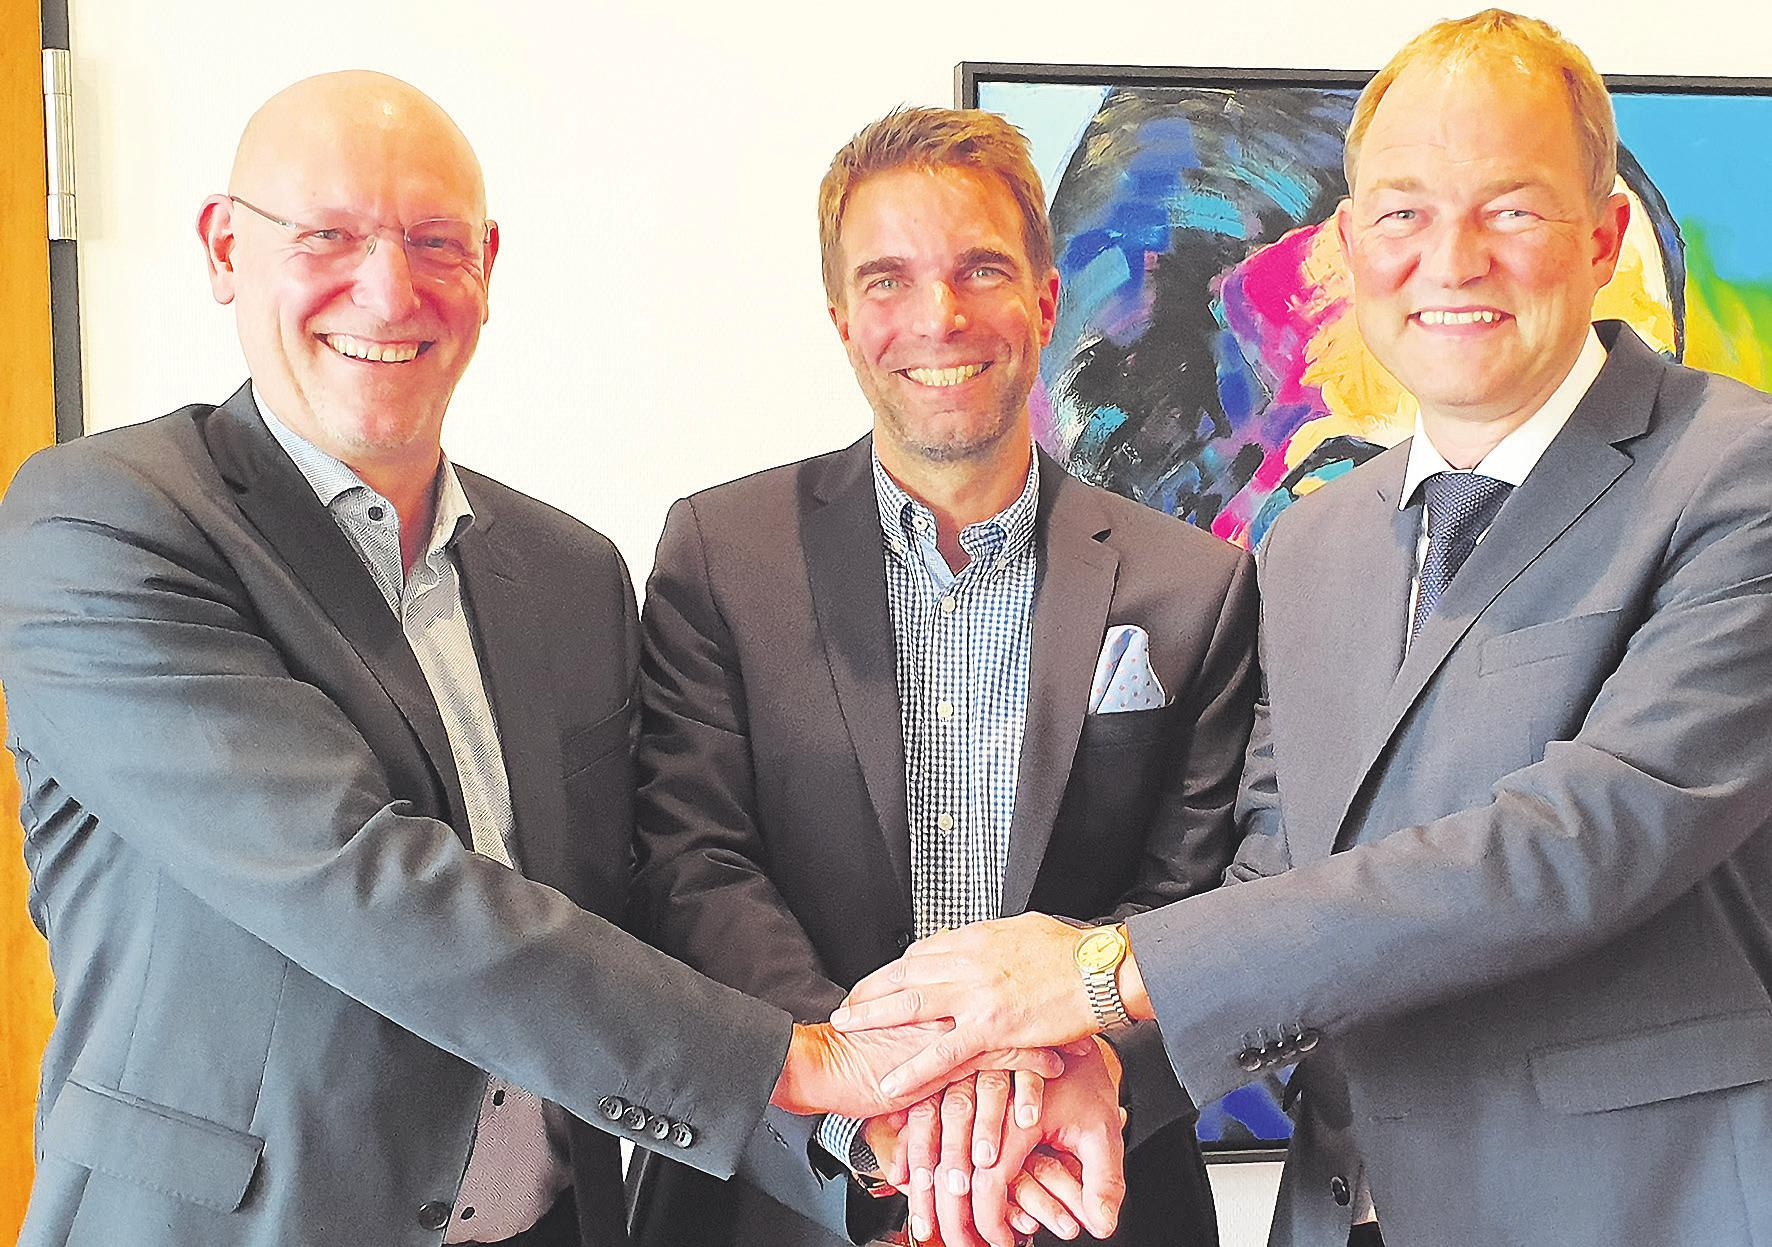 Gemeinsam stark: Celles Oberbürgermeister Dr. Jörg Nigge (Mitte) dankte Wolfgang Lohmann (links) und Dr. Jens Dommes (rechts) stellvertretend für alle engagierten Bürgerinnen und Bürger für ihr Engagement in Sachen Ostumgehung. Foto: Stadt Celle